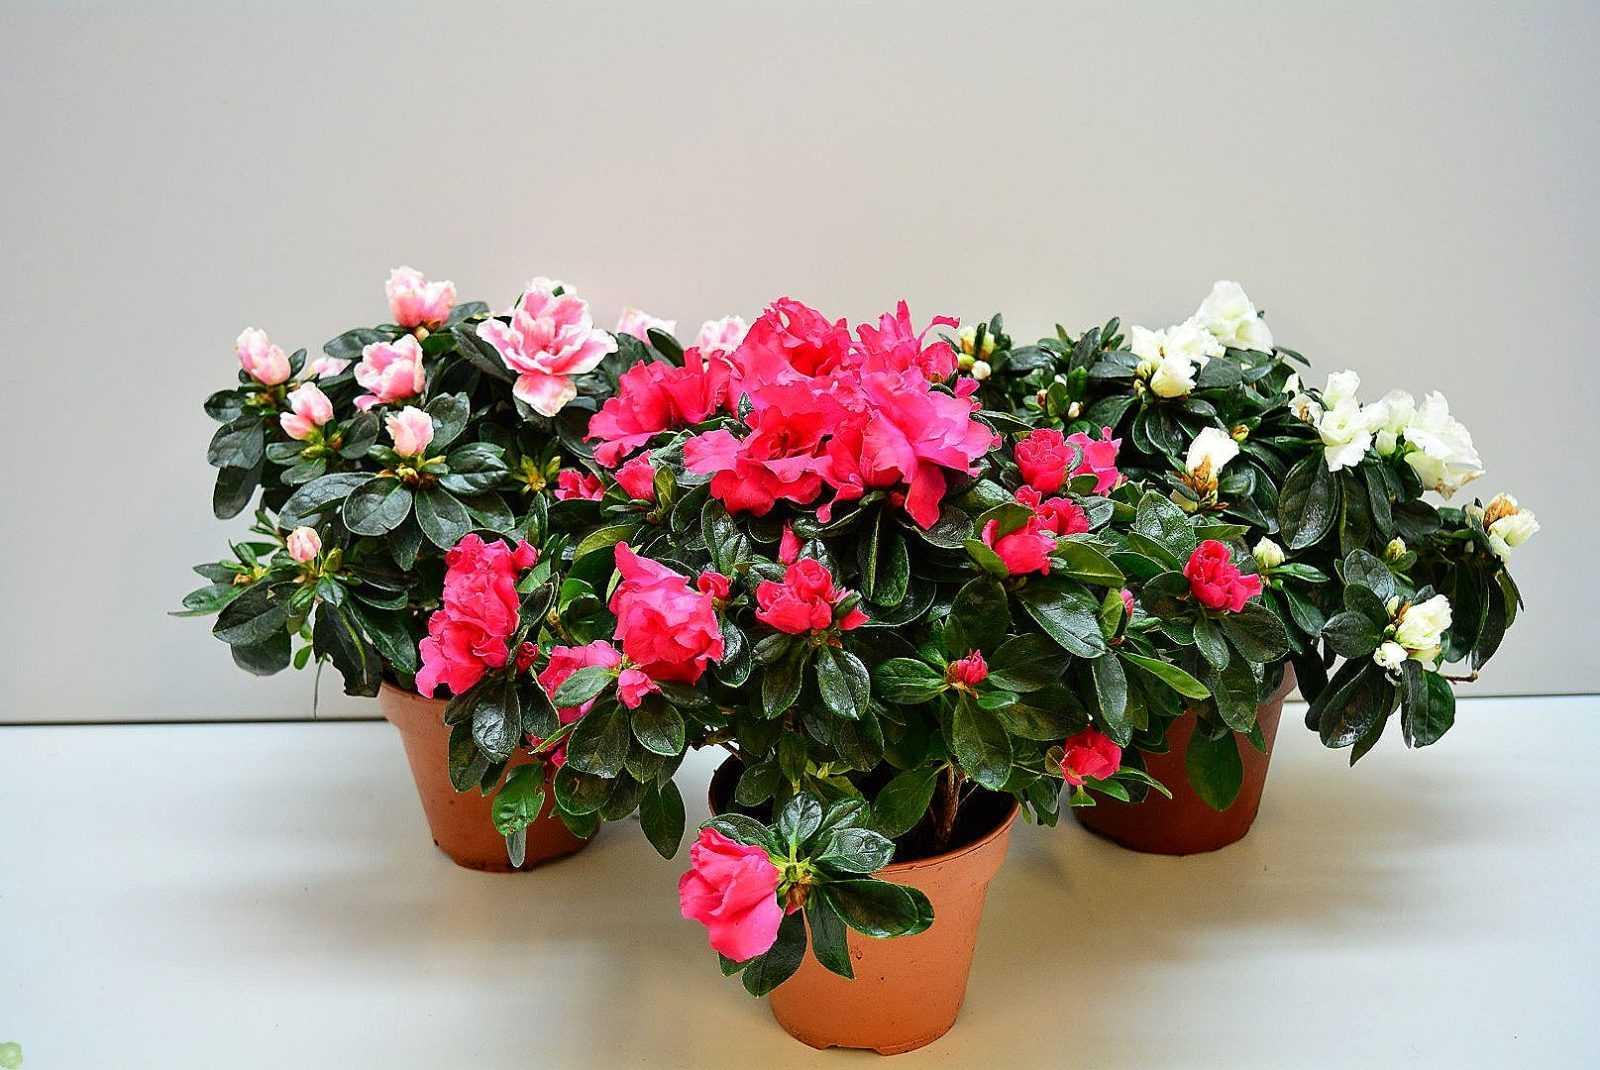 Как ухаживают и выращивают капризный и привередливый цветок, с красивым названием азалия